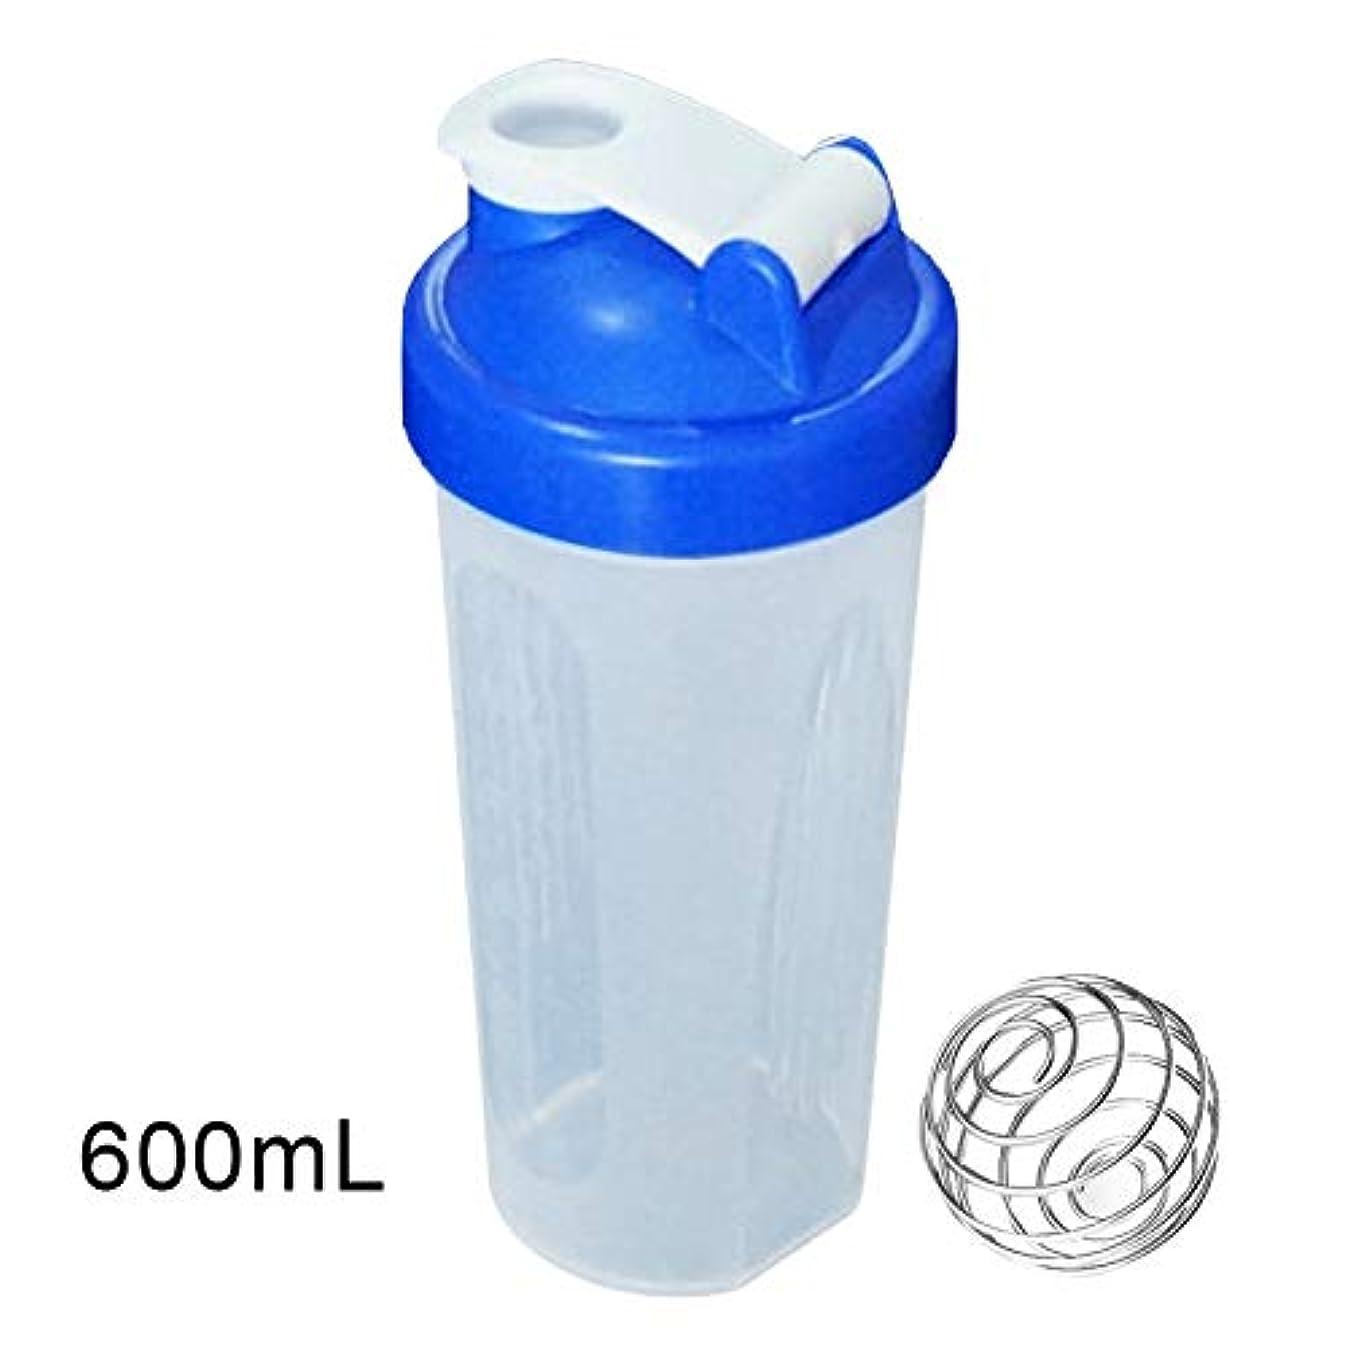 解釈百科事典抽出ZaRoing ブレンダーボトル プロテインパウダー揺れ瓶 プロテインシェーカー 栄養補助瓶 400/600ml